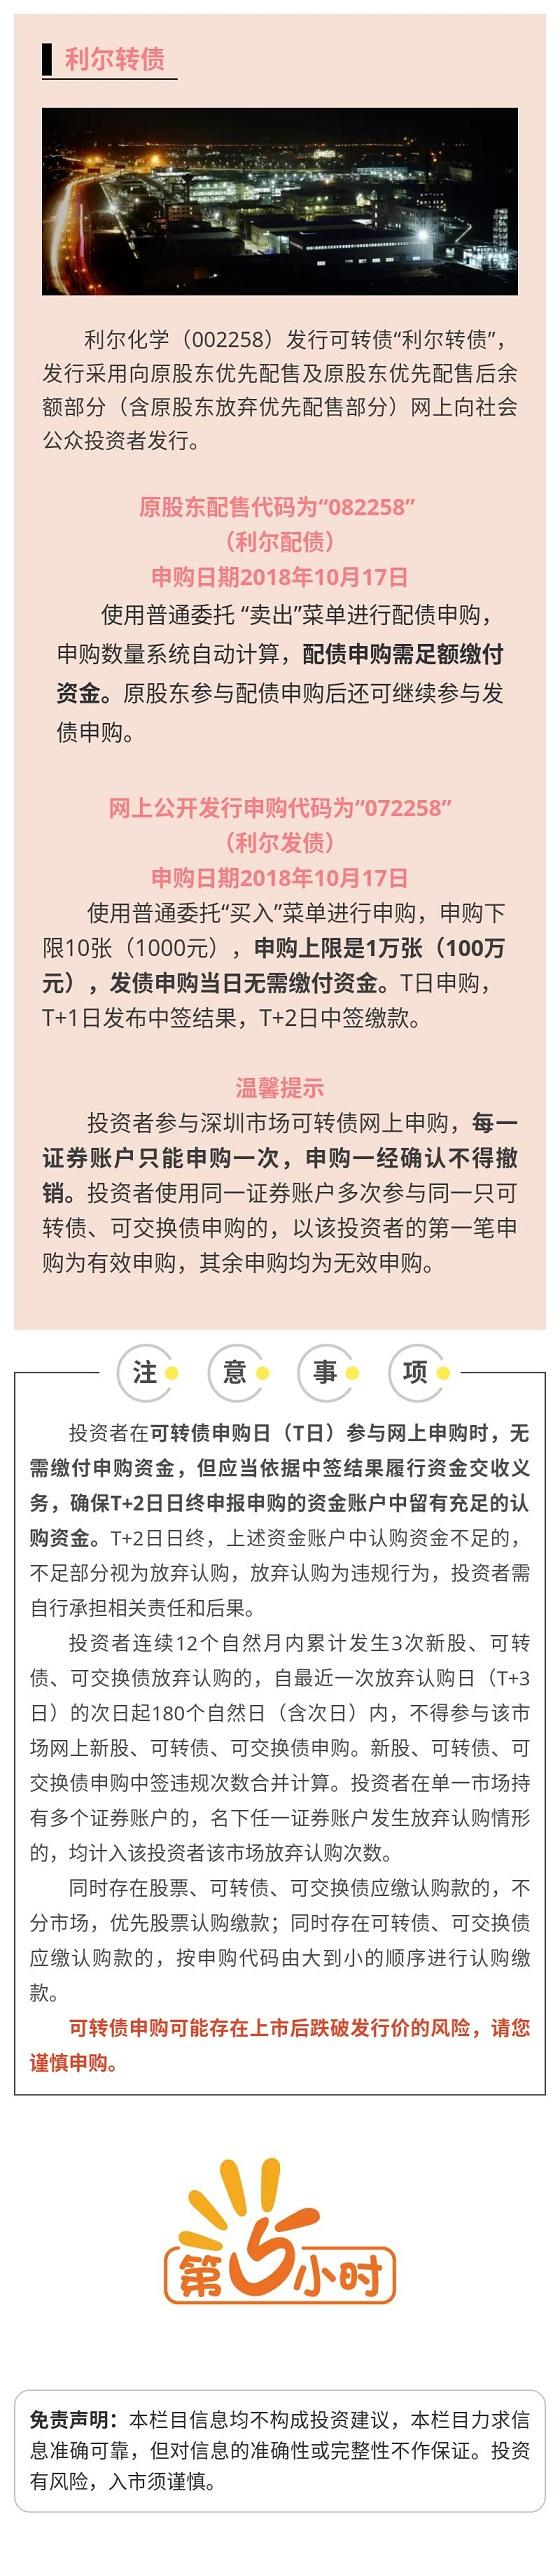 【新债申购】利尔化学(002258)公开发行可转换公司债.jpg